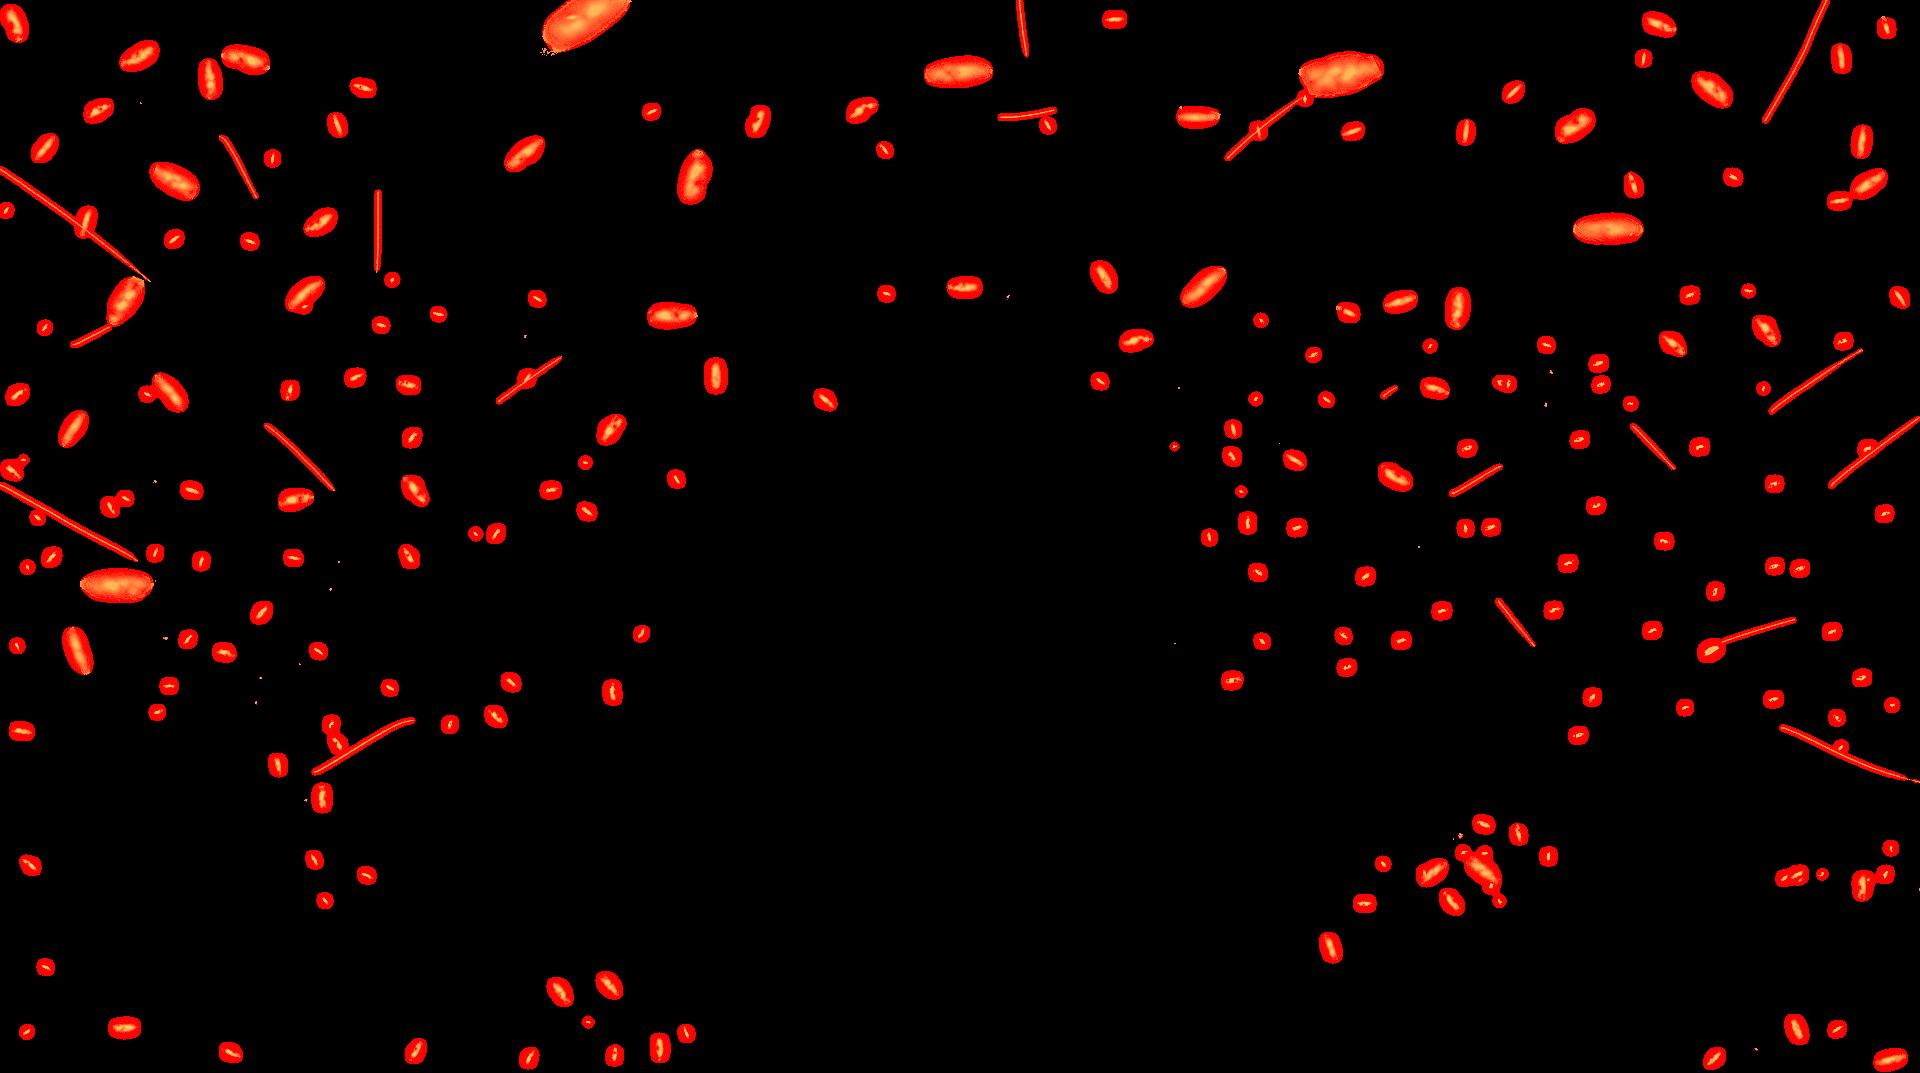 light sparks image orange in color